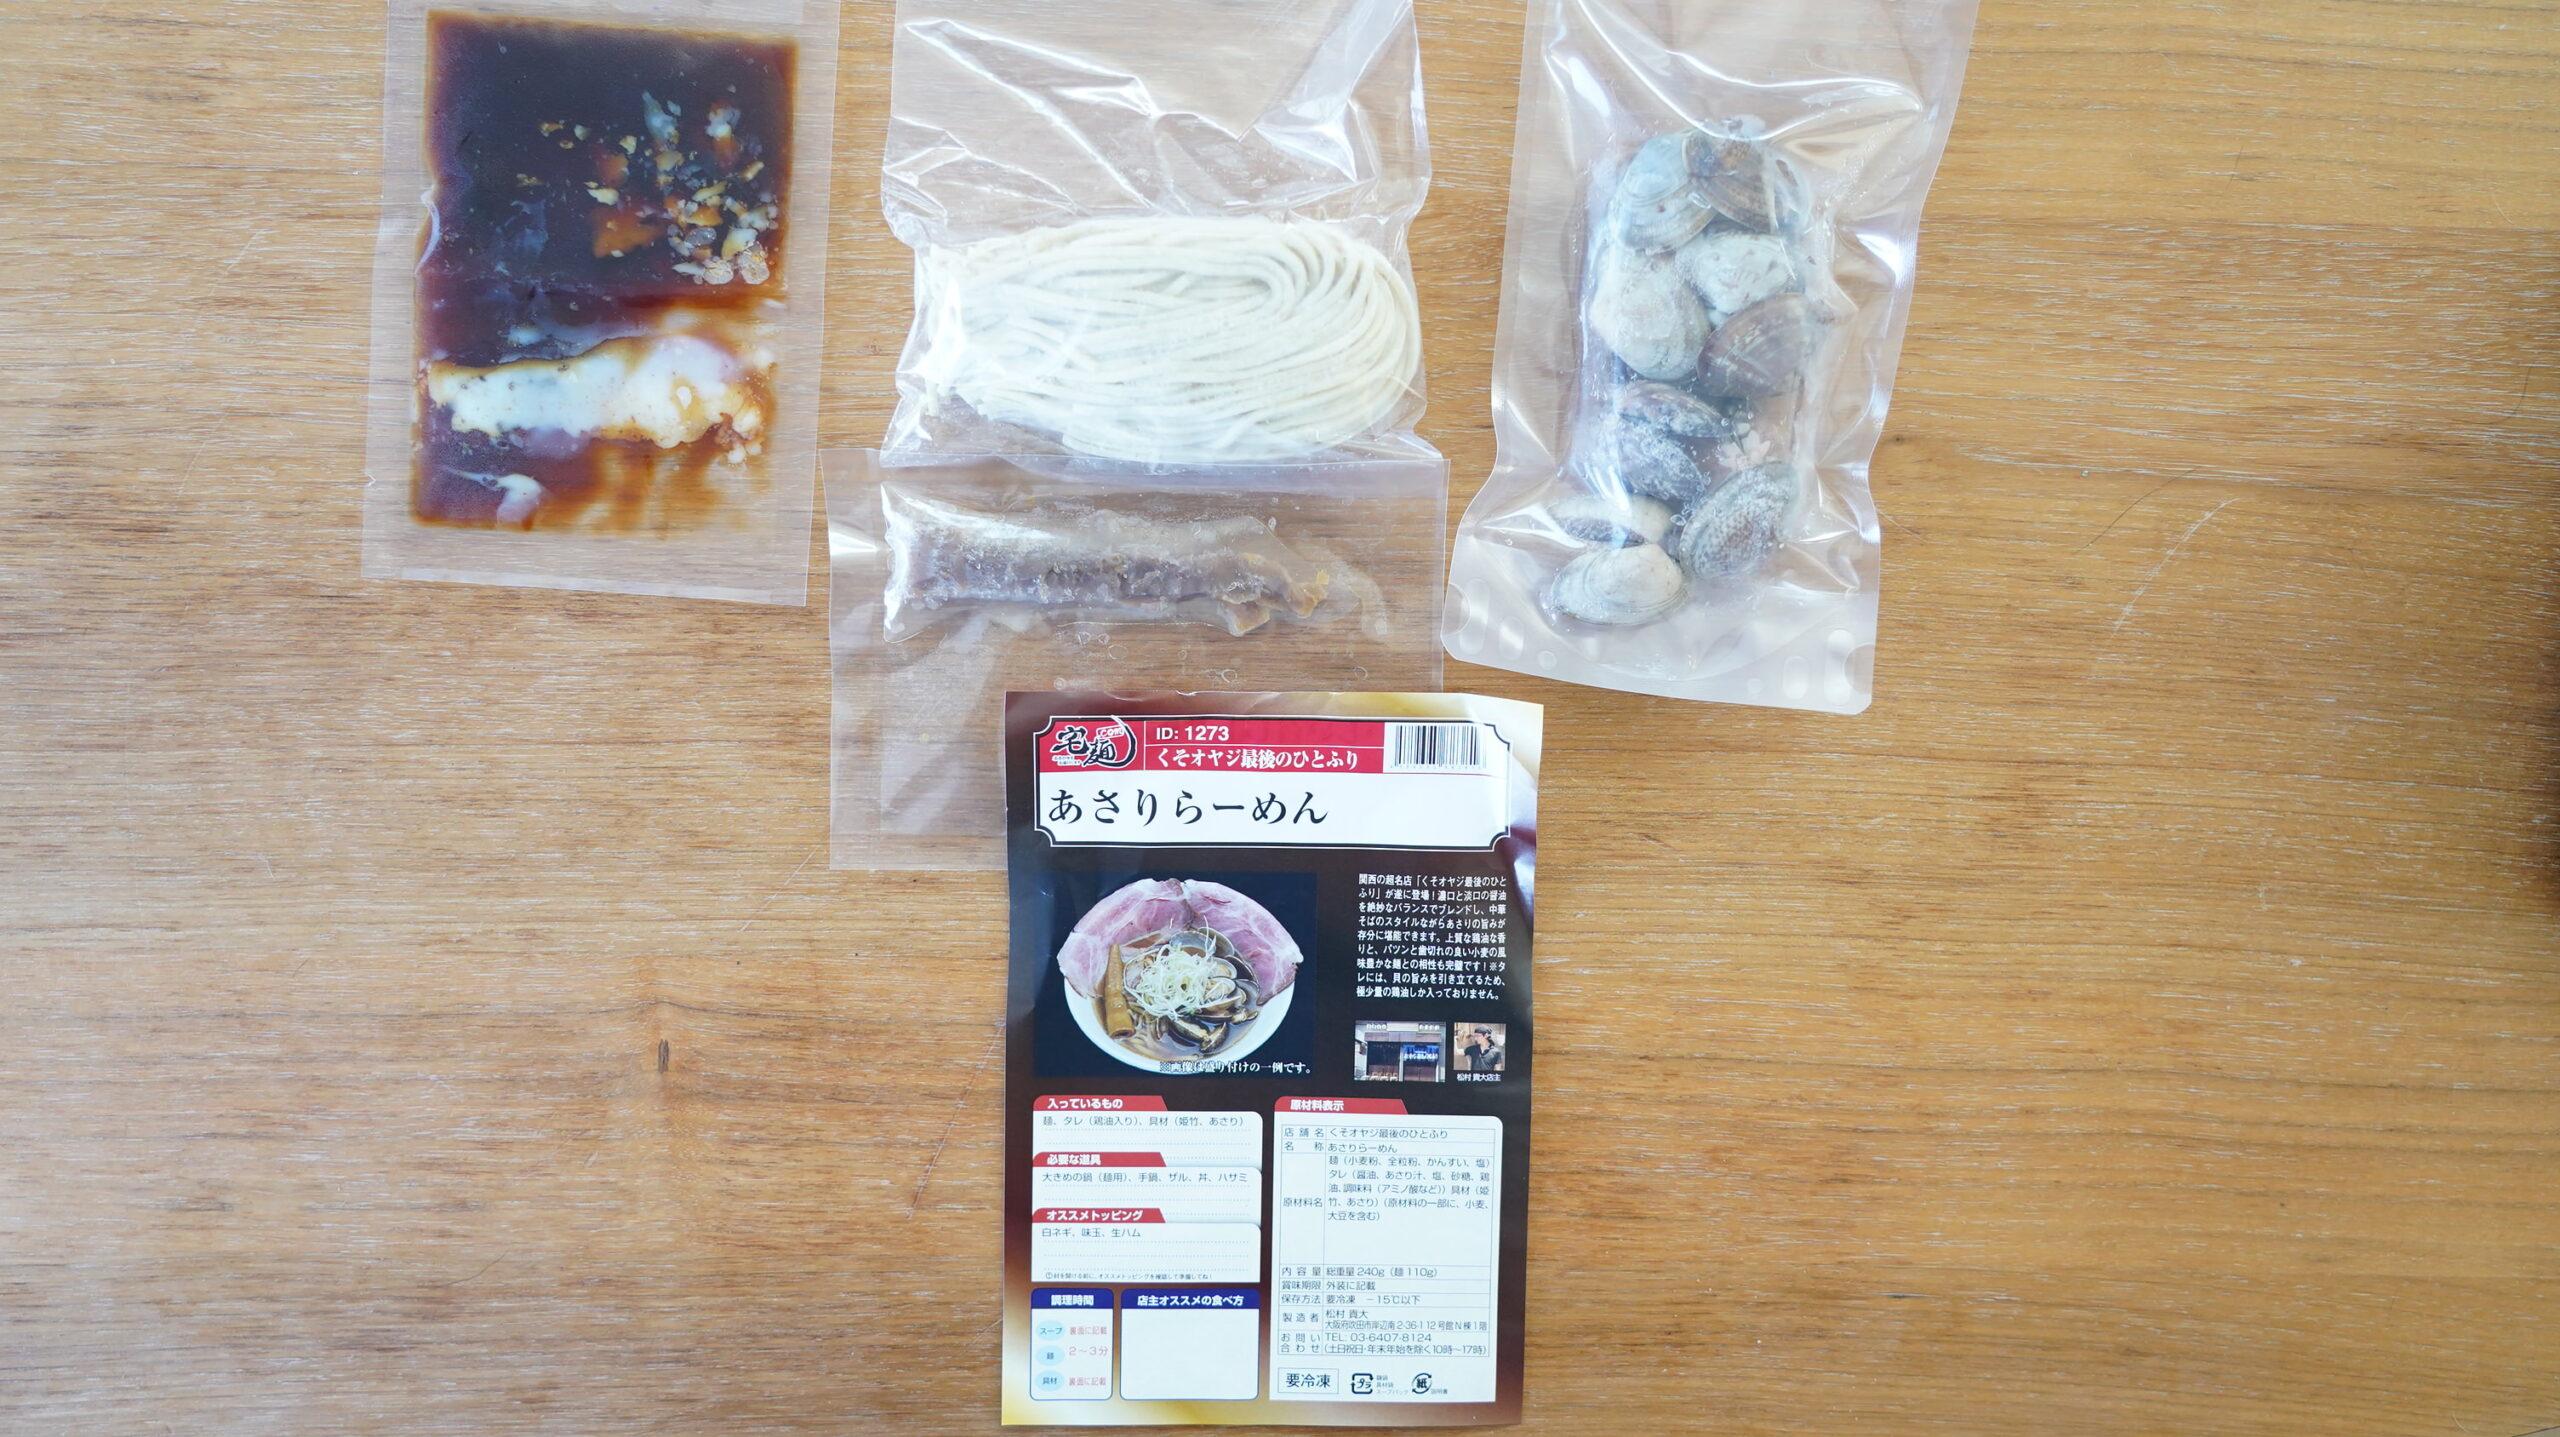 くそオヤジ最後のひとふりの「あさりラーメン」のオンライン通販・お取り寄せ用の冷凍食品の中身一式